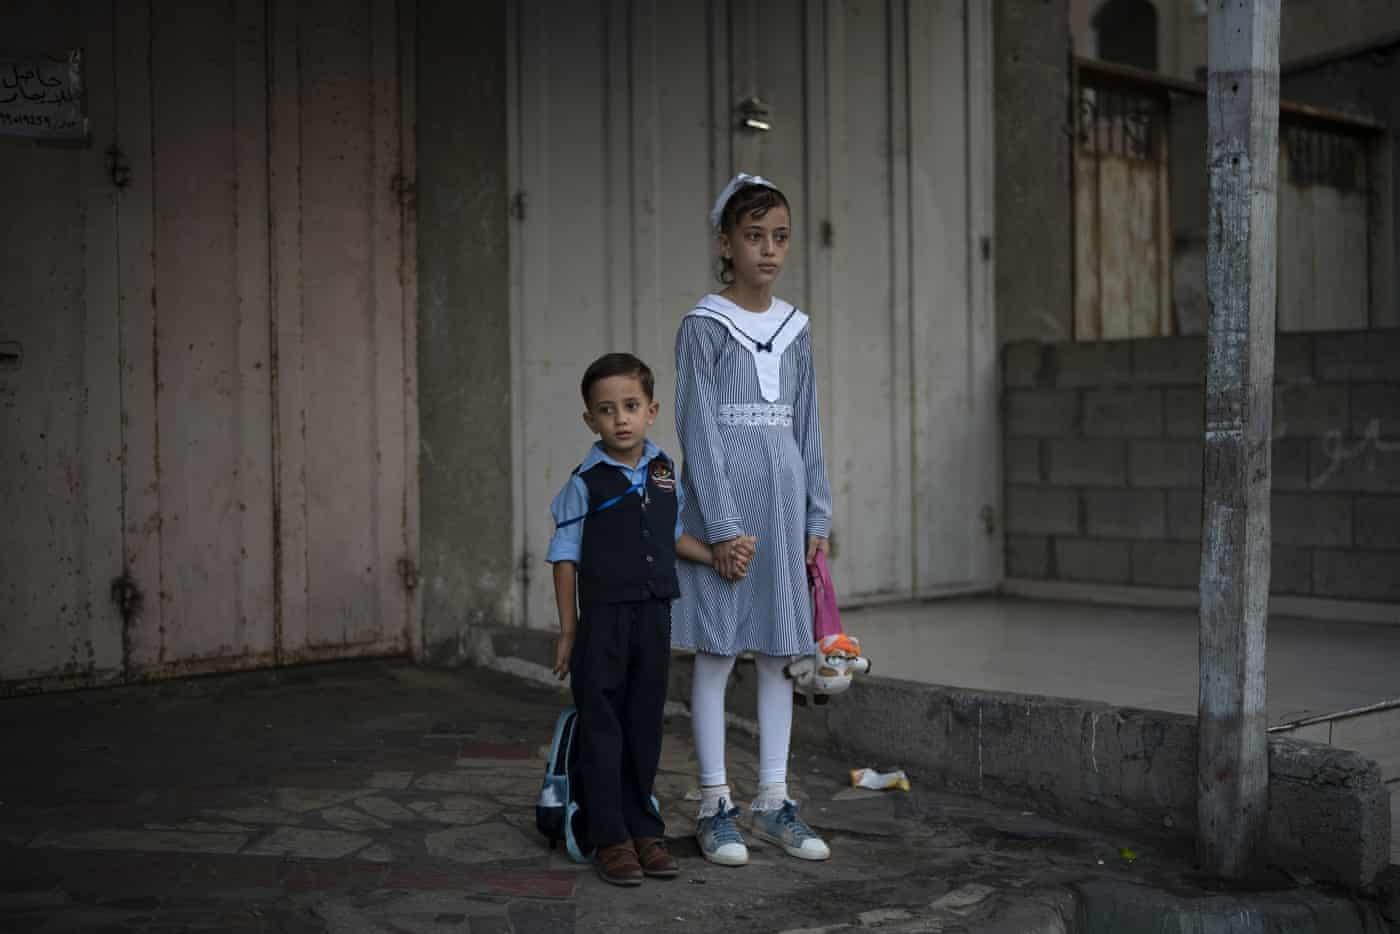 عکس روز: روز اول مدرسه